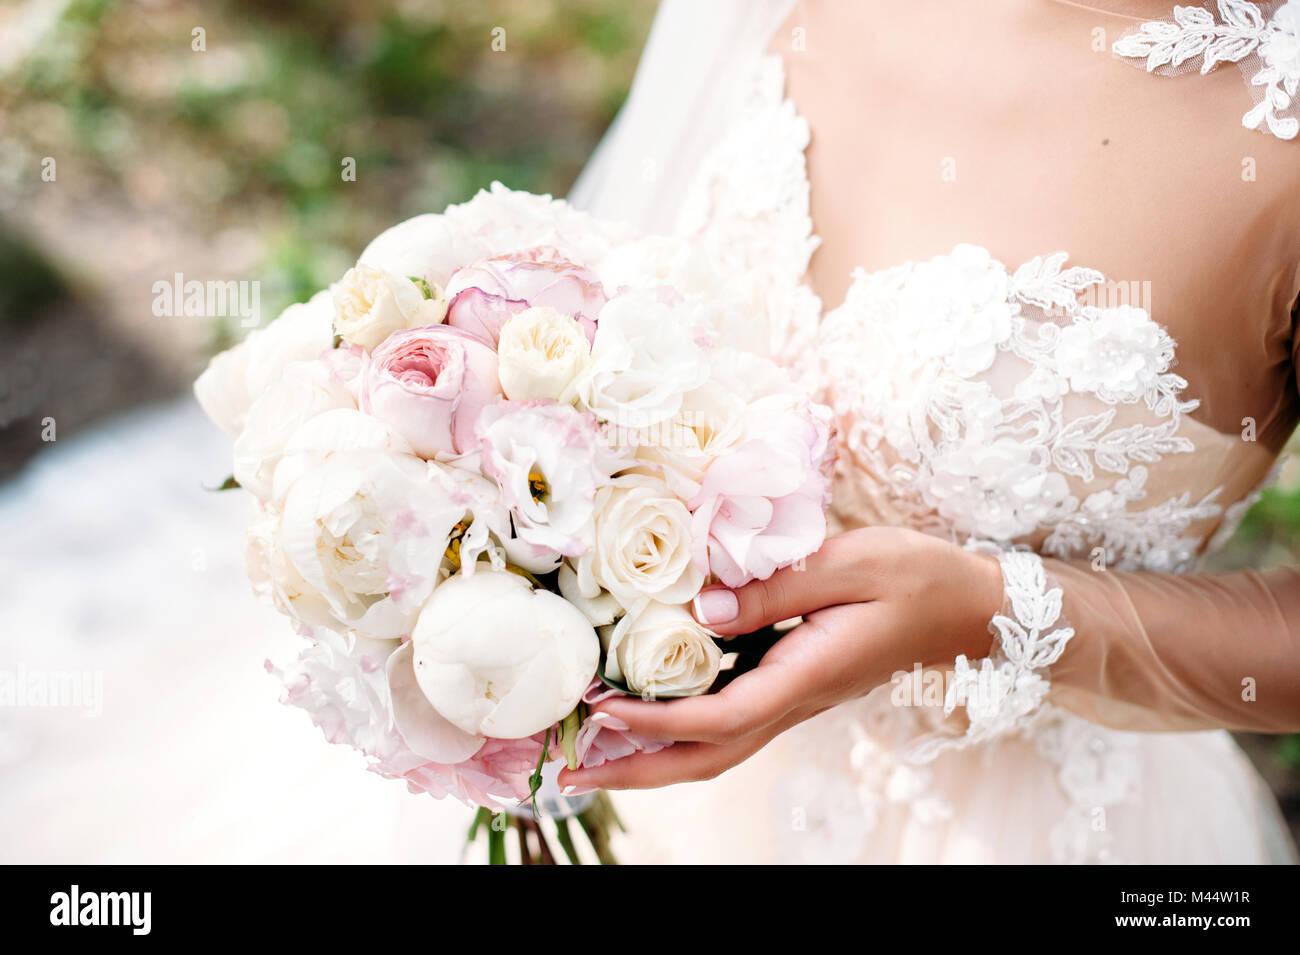 Braut Hochzeit Halten Pfingstrose Blumenstrauss In Der Hand Weiss Und